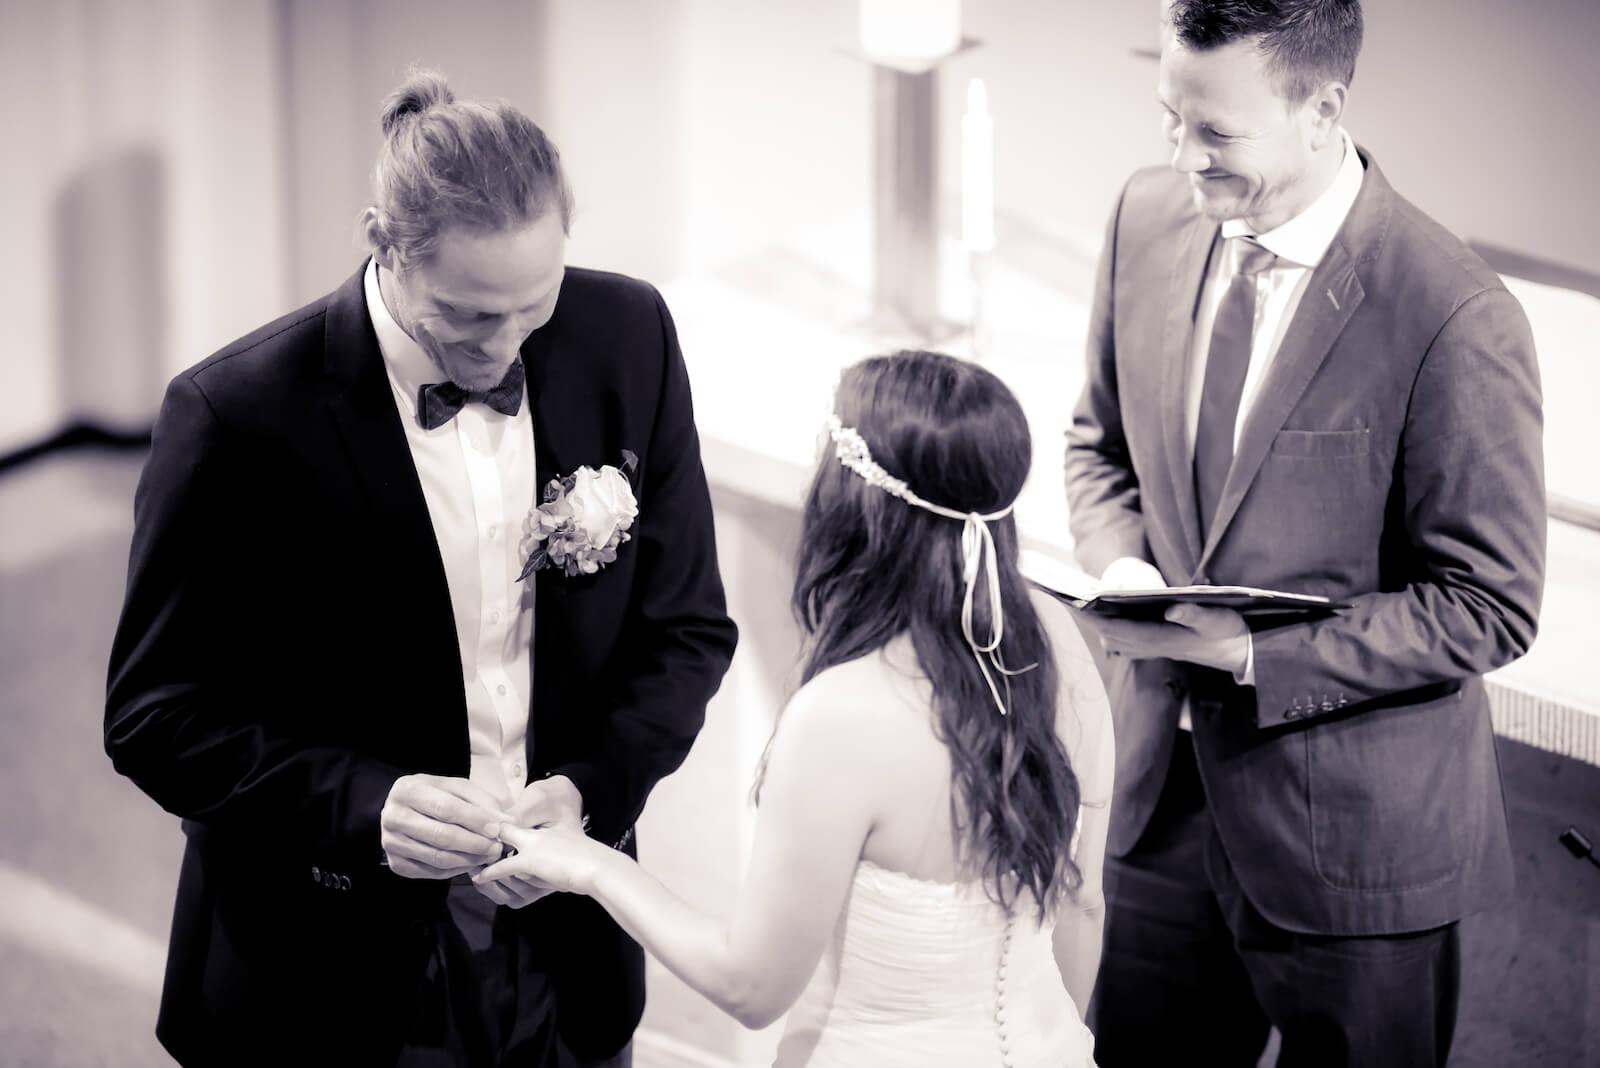 Hochzeit Bohostyle Landsberg - der Bräutigam steckt seiner Braut den Ring an